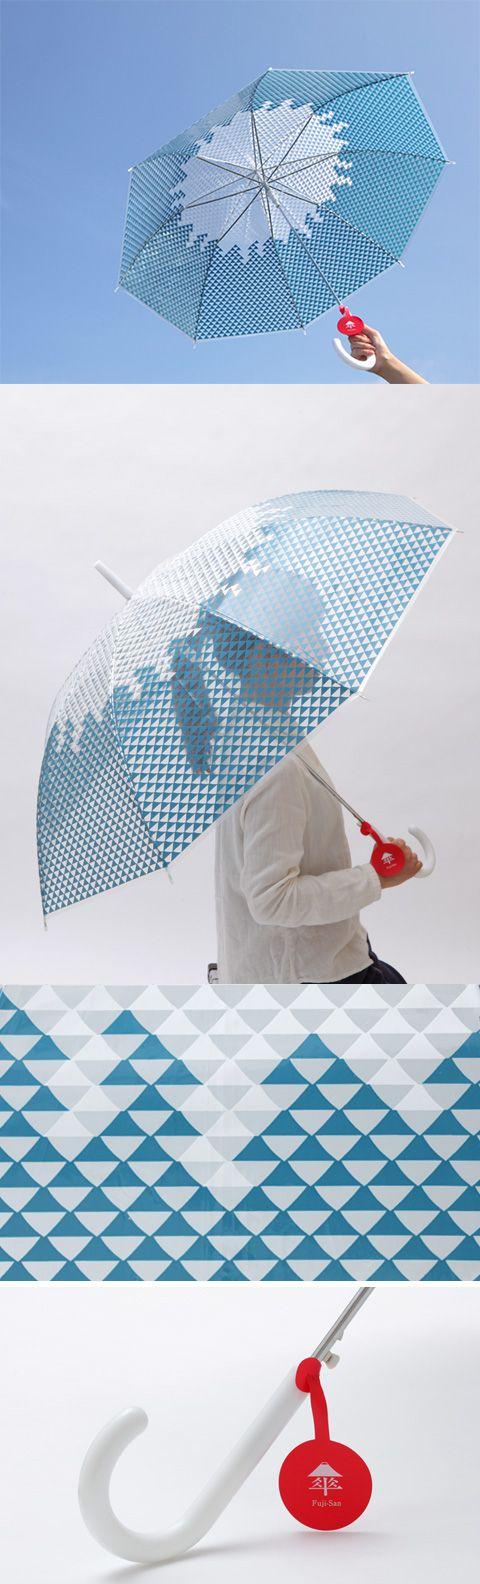 【富士傘(中川政七商店)】/雨の日も心はあっぱれ。さすだけで自分も周りも笑顔になっちゃう縁起のよい傘、その名も「富士傘(ふじさん)」。小さな富士山を集めてできあがった魔除けの意味を持つうろこ文様は、足元の悪い日に自分の身を守ります。持ち手には日の丸をイメージした名札付き。なくす心配もありません。富士傘をお守りがわりにたずさえて、おでかけをお楽しみください。 #fujisan #mtFUJI #fujisanmono